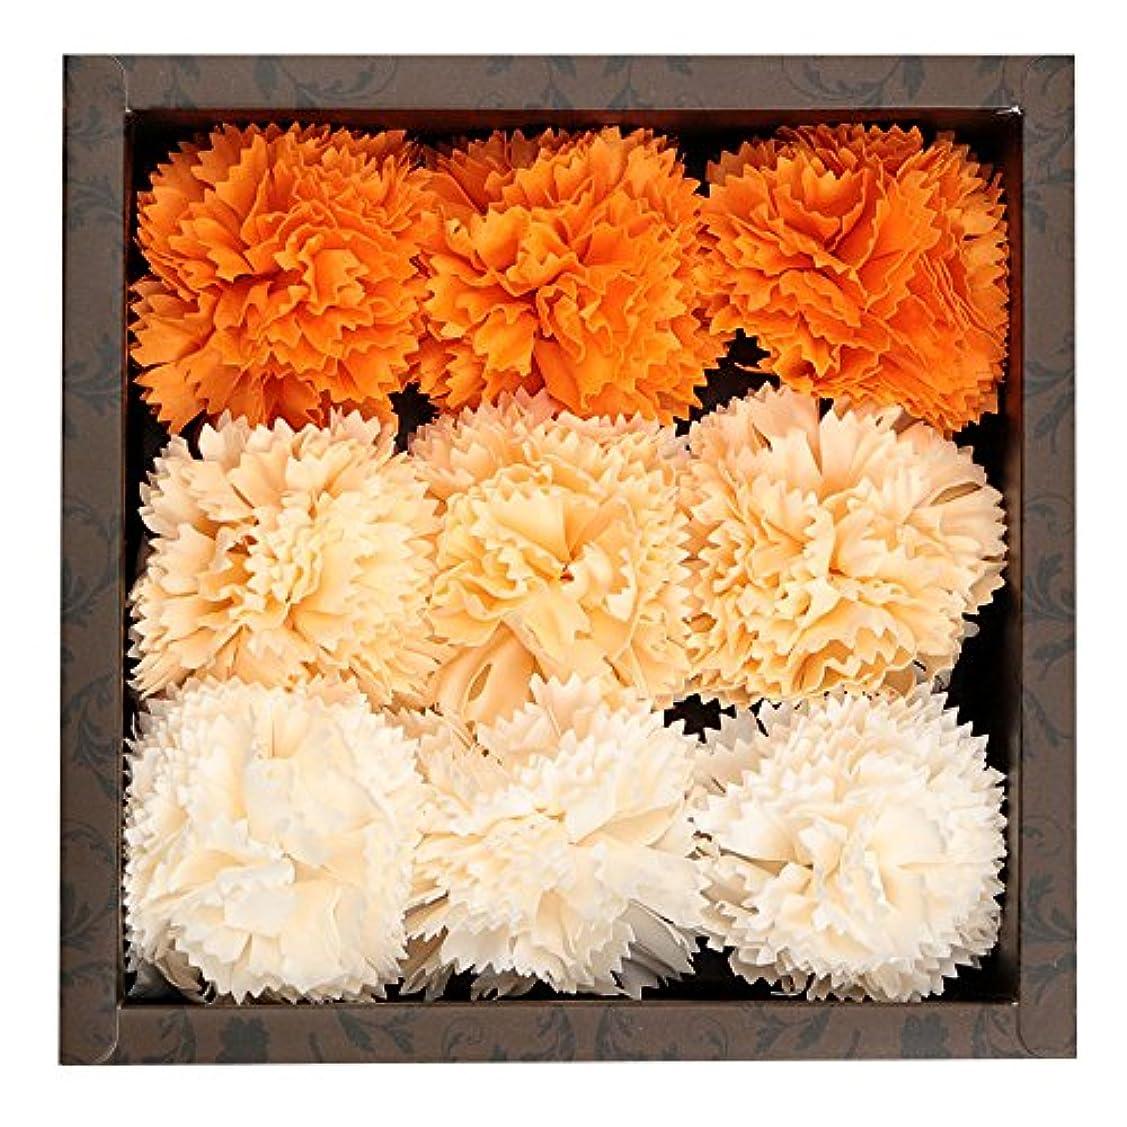 請うトラブル床を掃除する(キステ)Kisste 入浴剤 フラワーフレグランス*Carnation*~石鹸の香り~ 5-3-01955